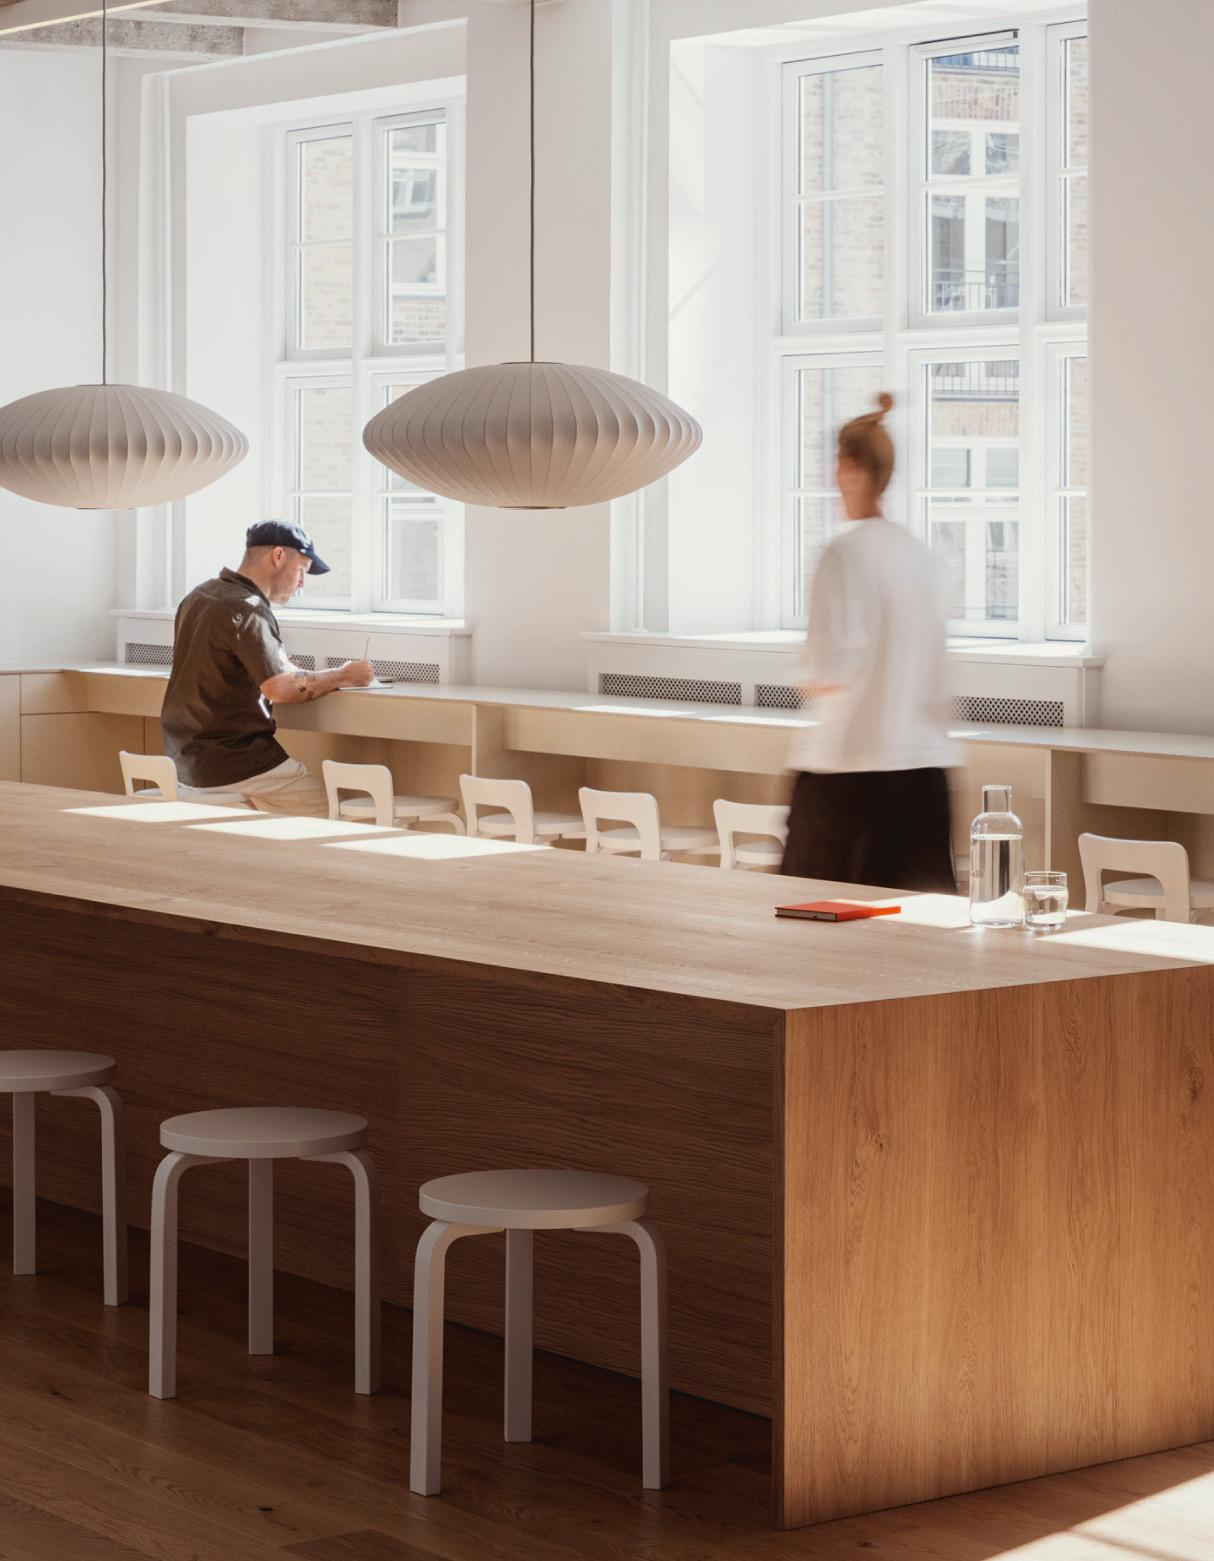 oficina minimalista work and co office aspekt